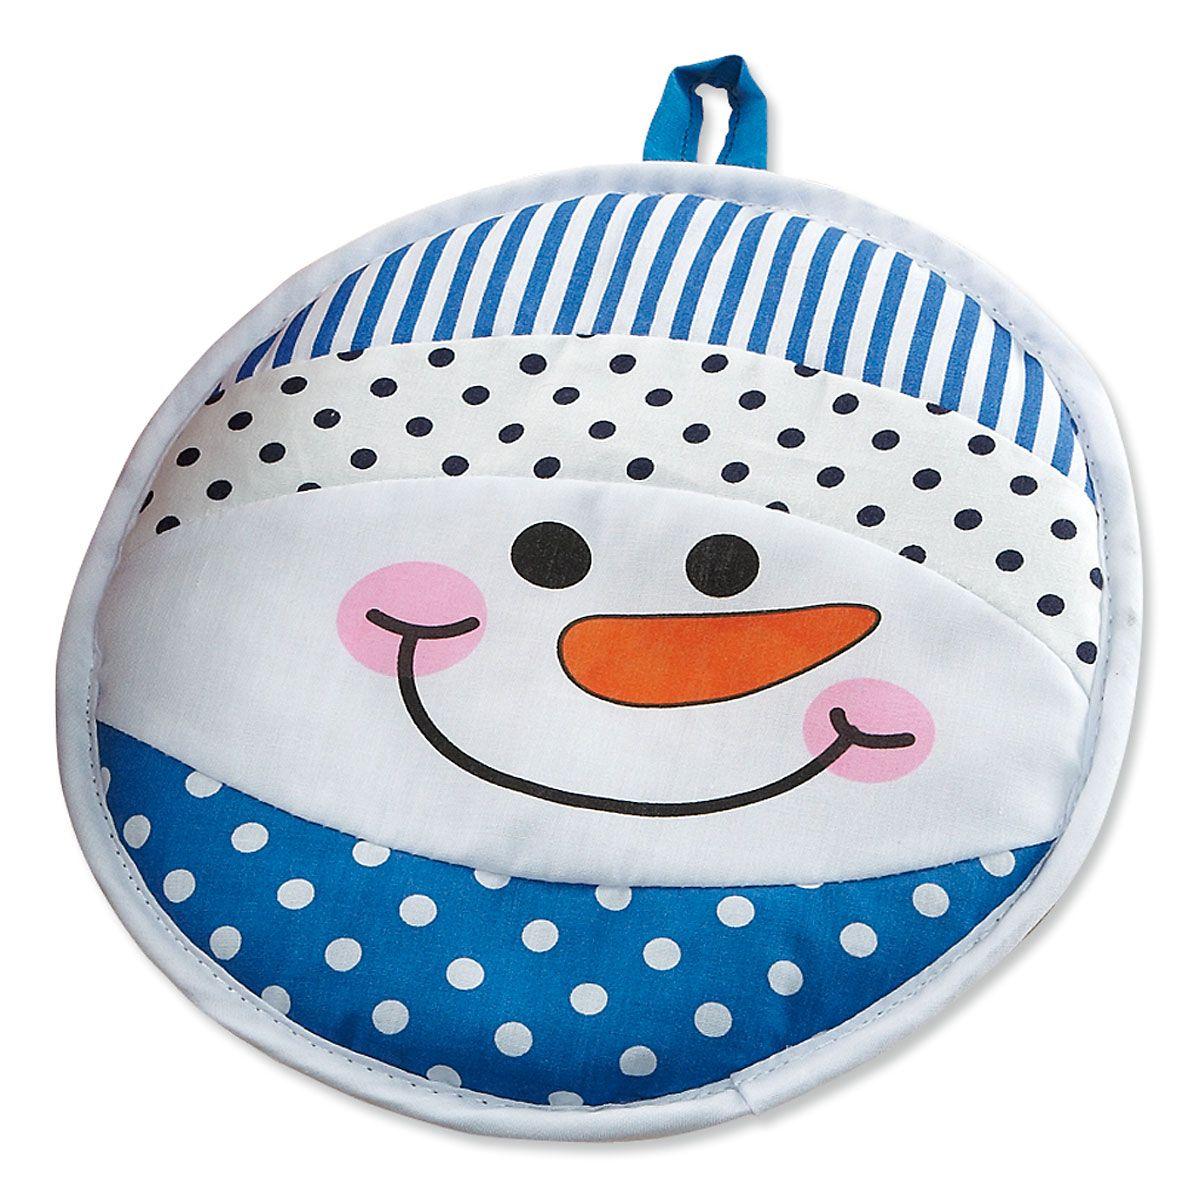 Snowman Holiday Hot Pad